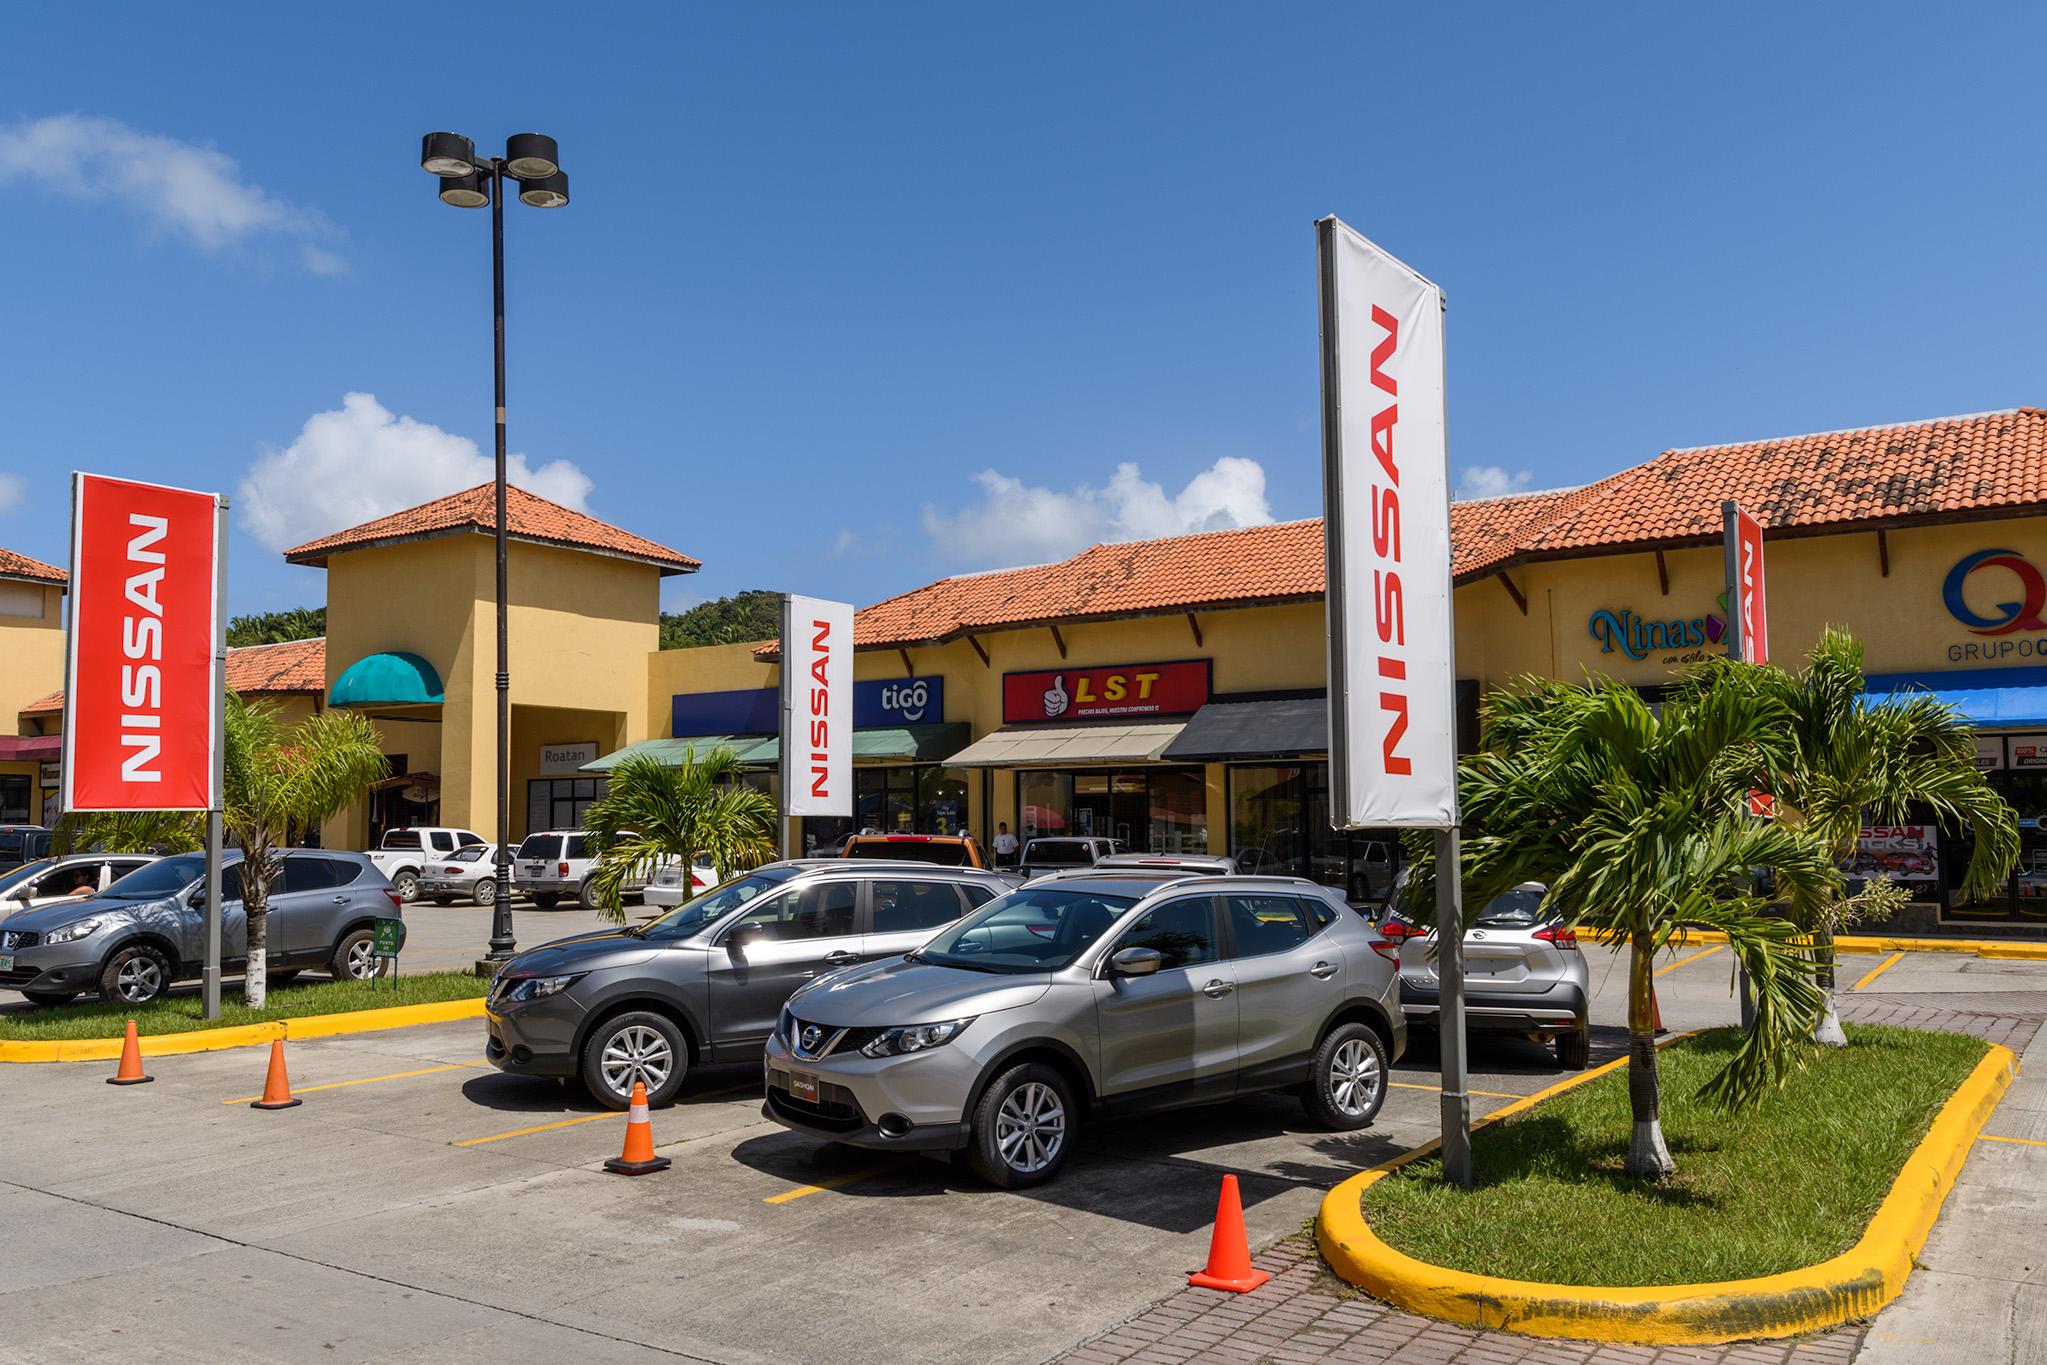 20170306 - Roatan Honduras - 103.jpg